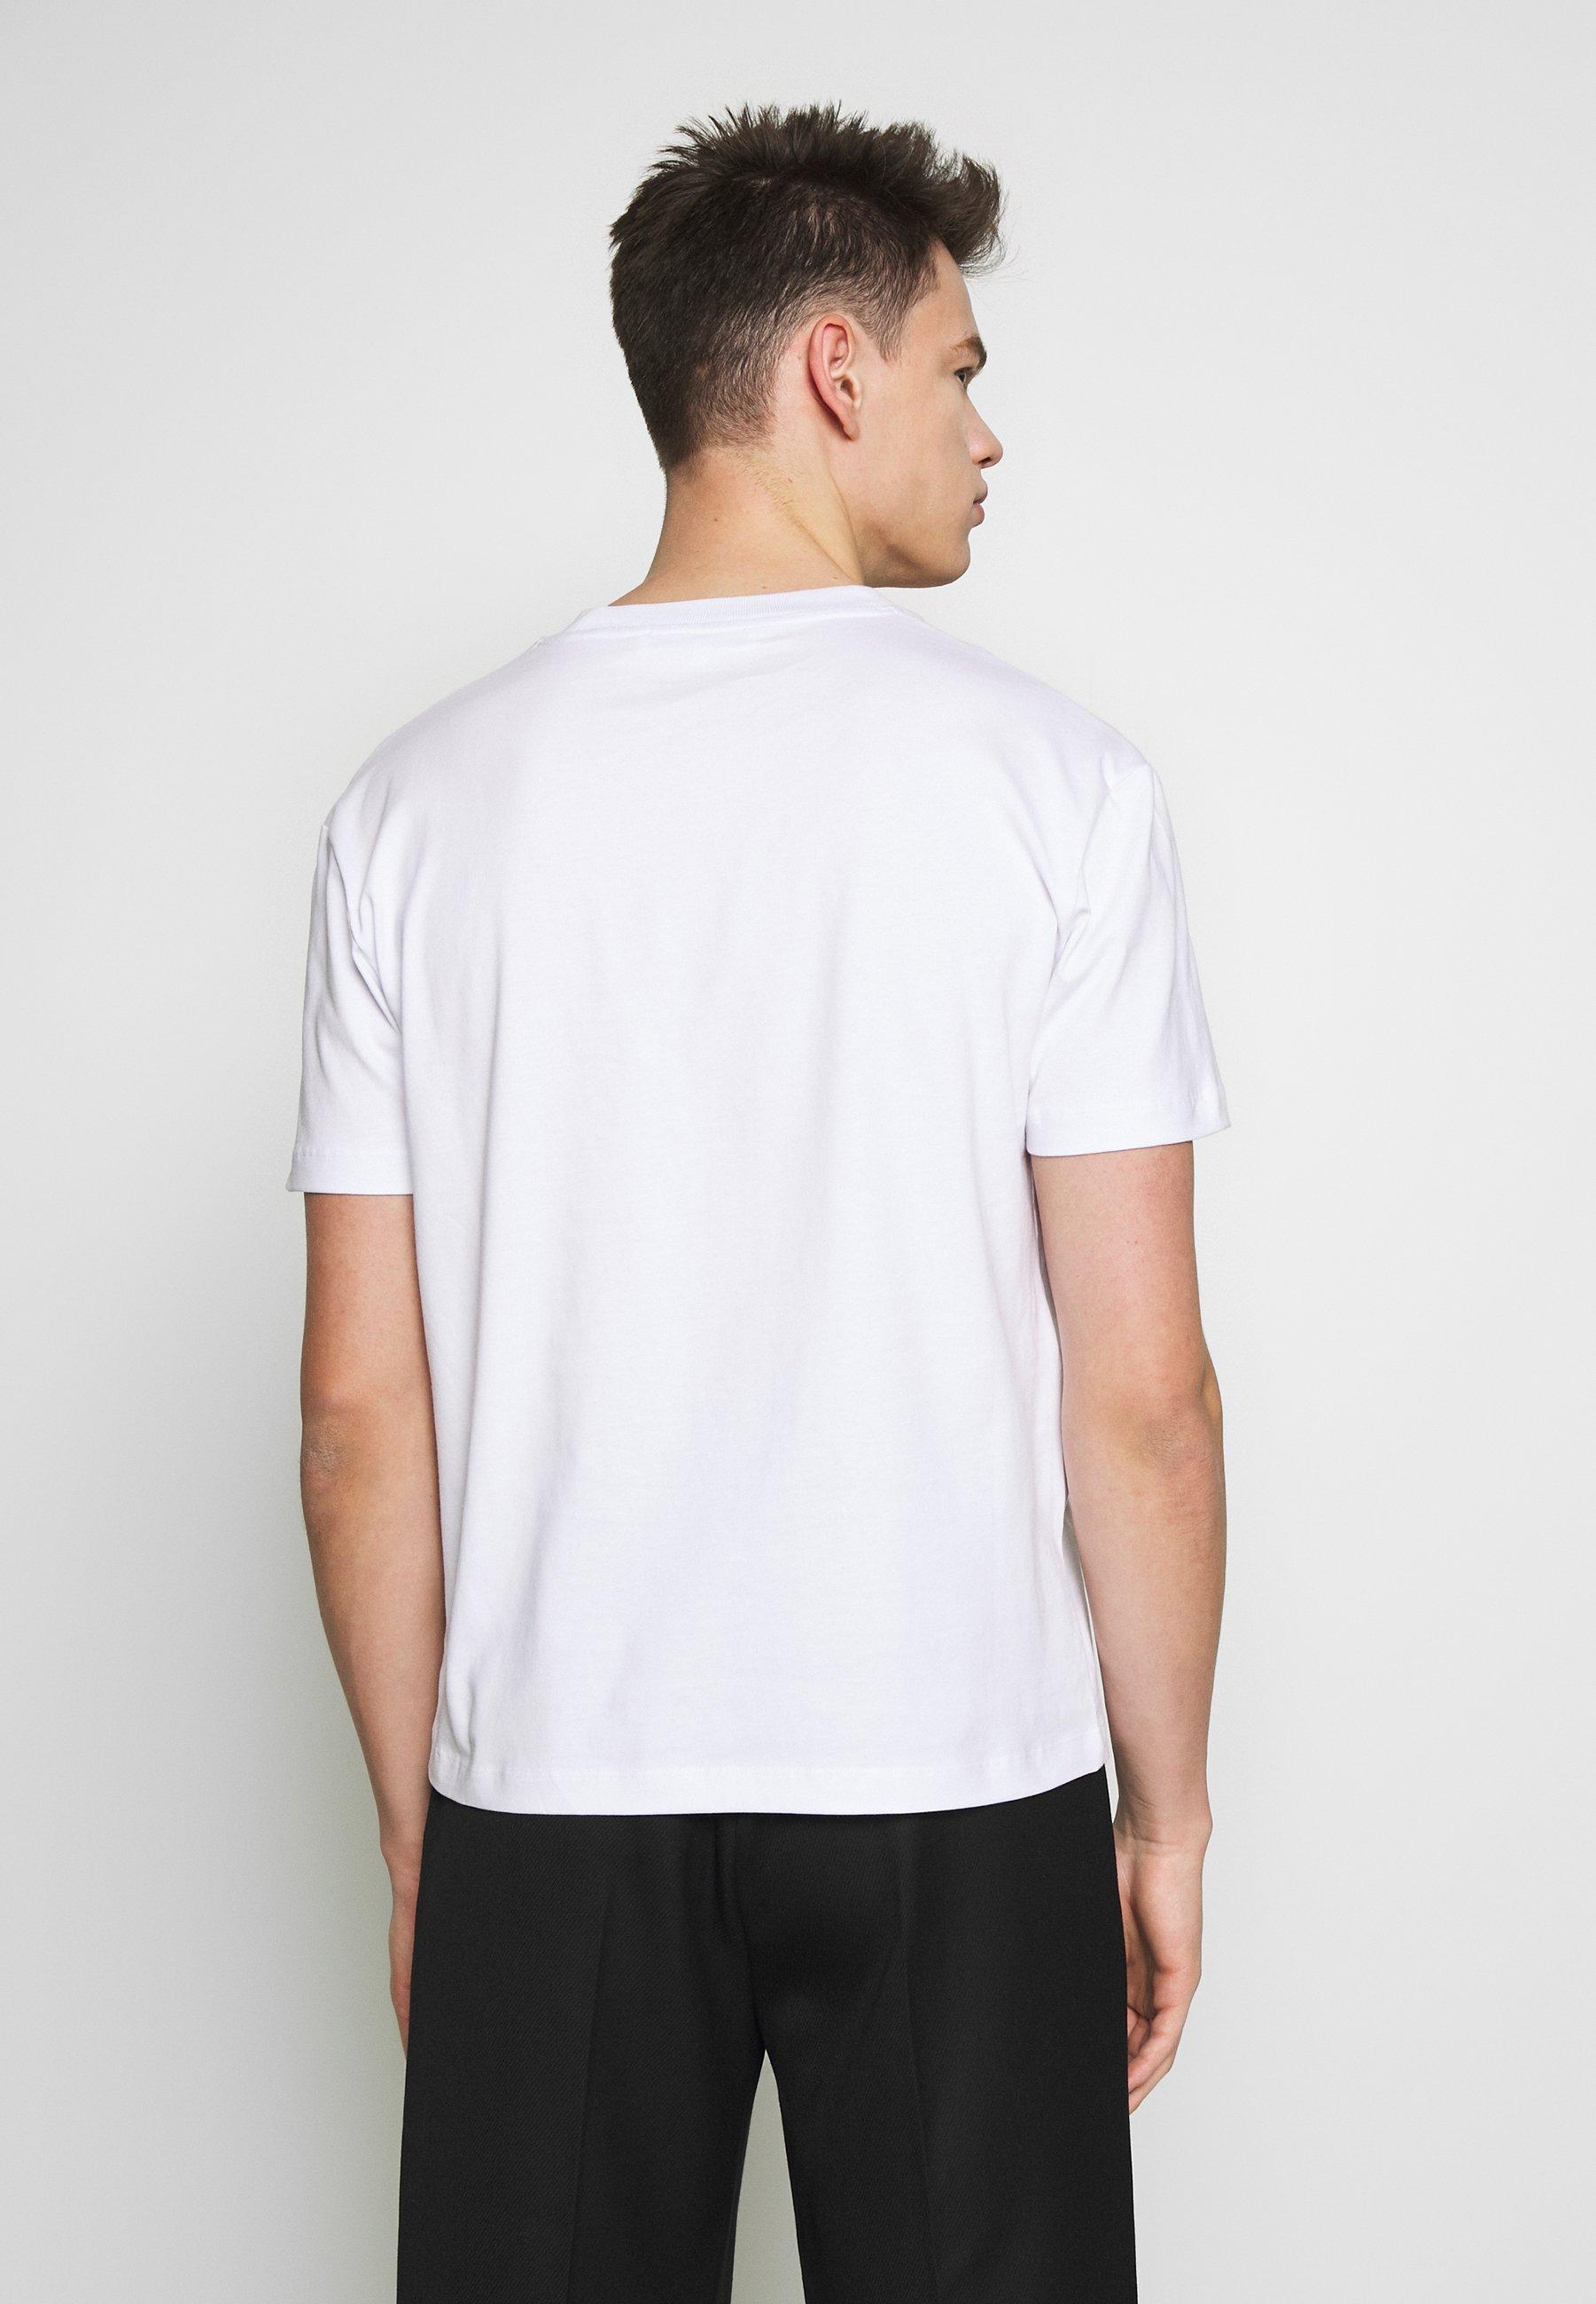 Nowy styl Gorąca wyprzedaż McQ Alexander McQueen DROPPED SHOULDER TEE - T-shirt z nadrukiem - optic white | Odzież męska 2020 hx5wT